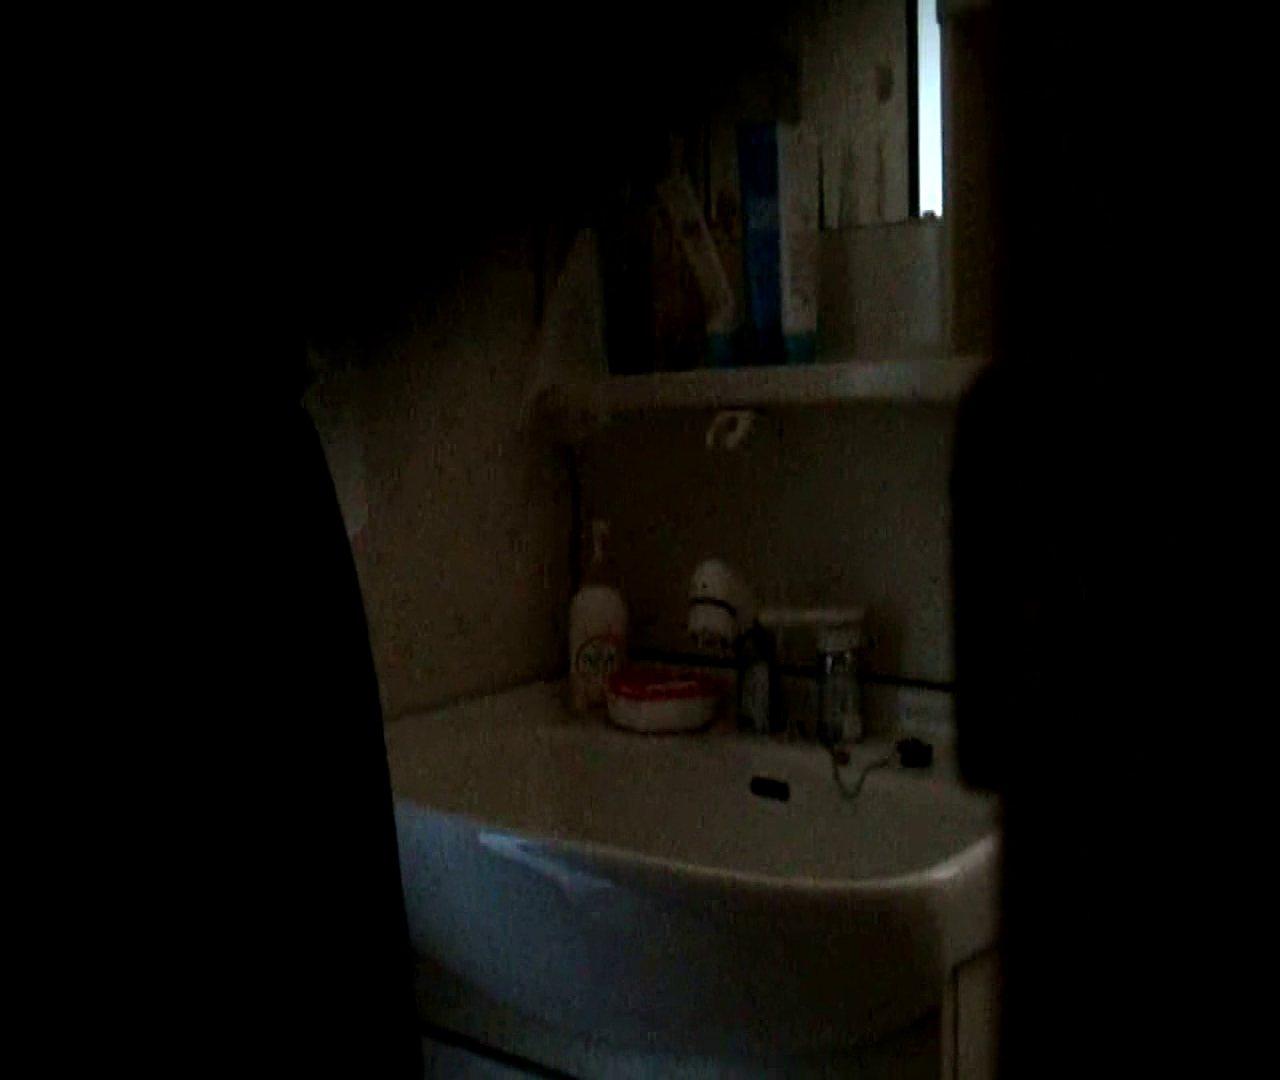 二人とも育てた甲斐がありました… vol.05 まどかが洗顔後にブラを洗濯 HなOL | 0  98pic 5